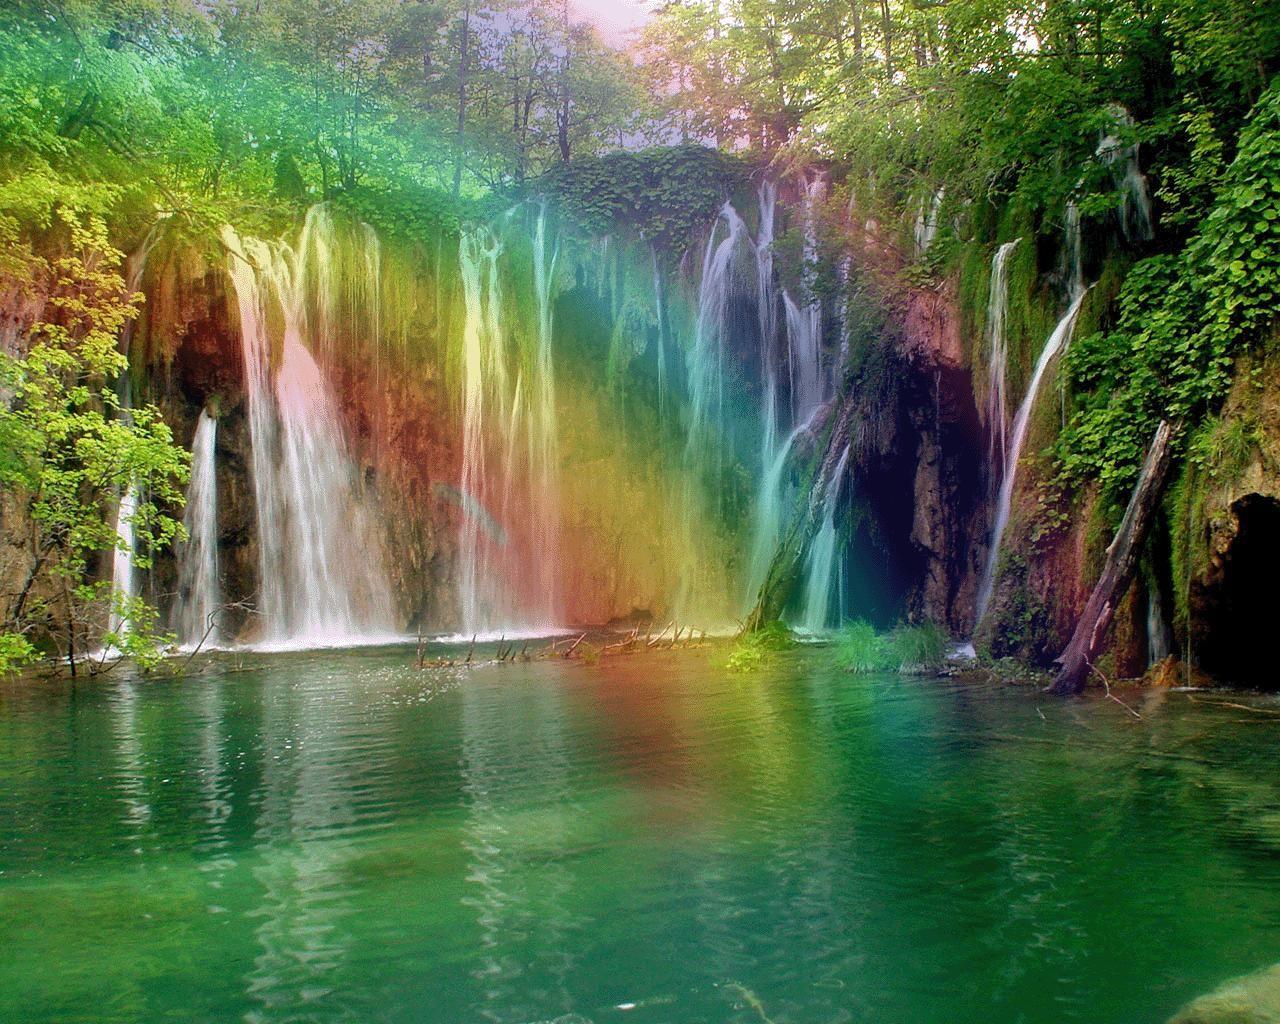 Rainbow Waterfall Waterfall Nature Rainbow Sky Trees Waterfall Rainbow Waterfall Waterfall Beautiful Waterfalls